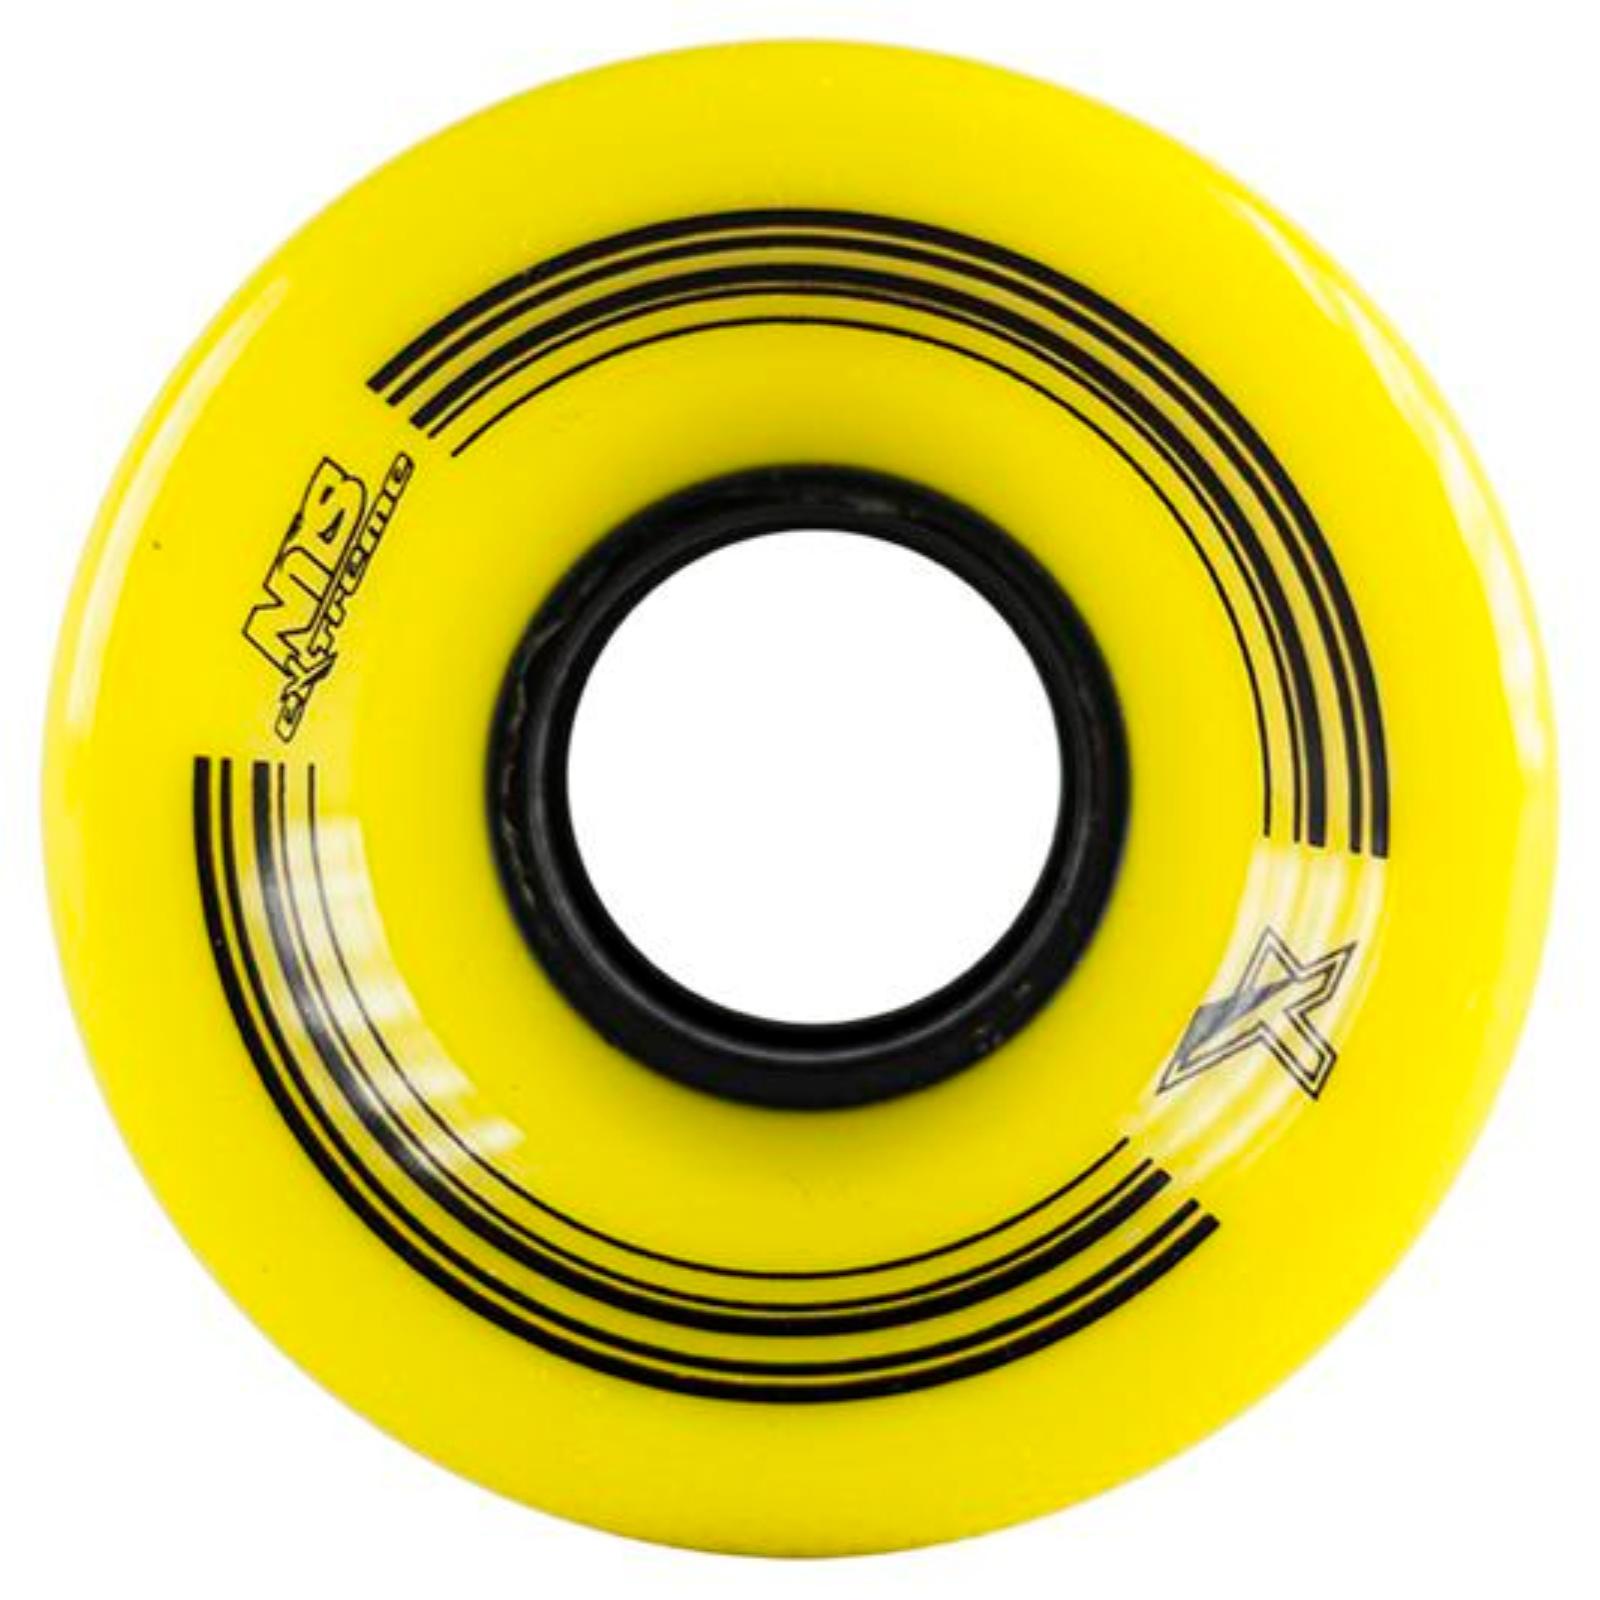 Kolečka pro plastik board 60 x 45 mm NILS Extreme - žluté